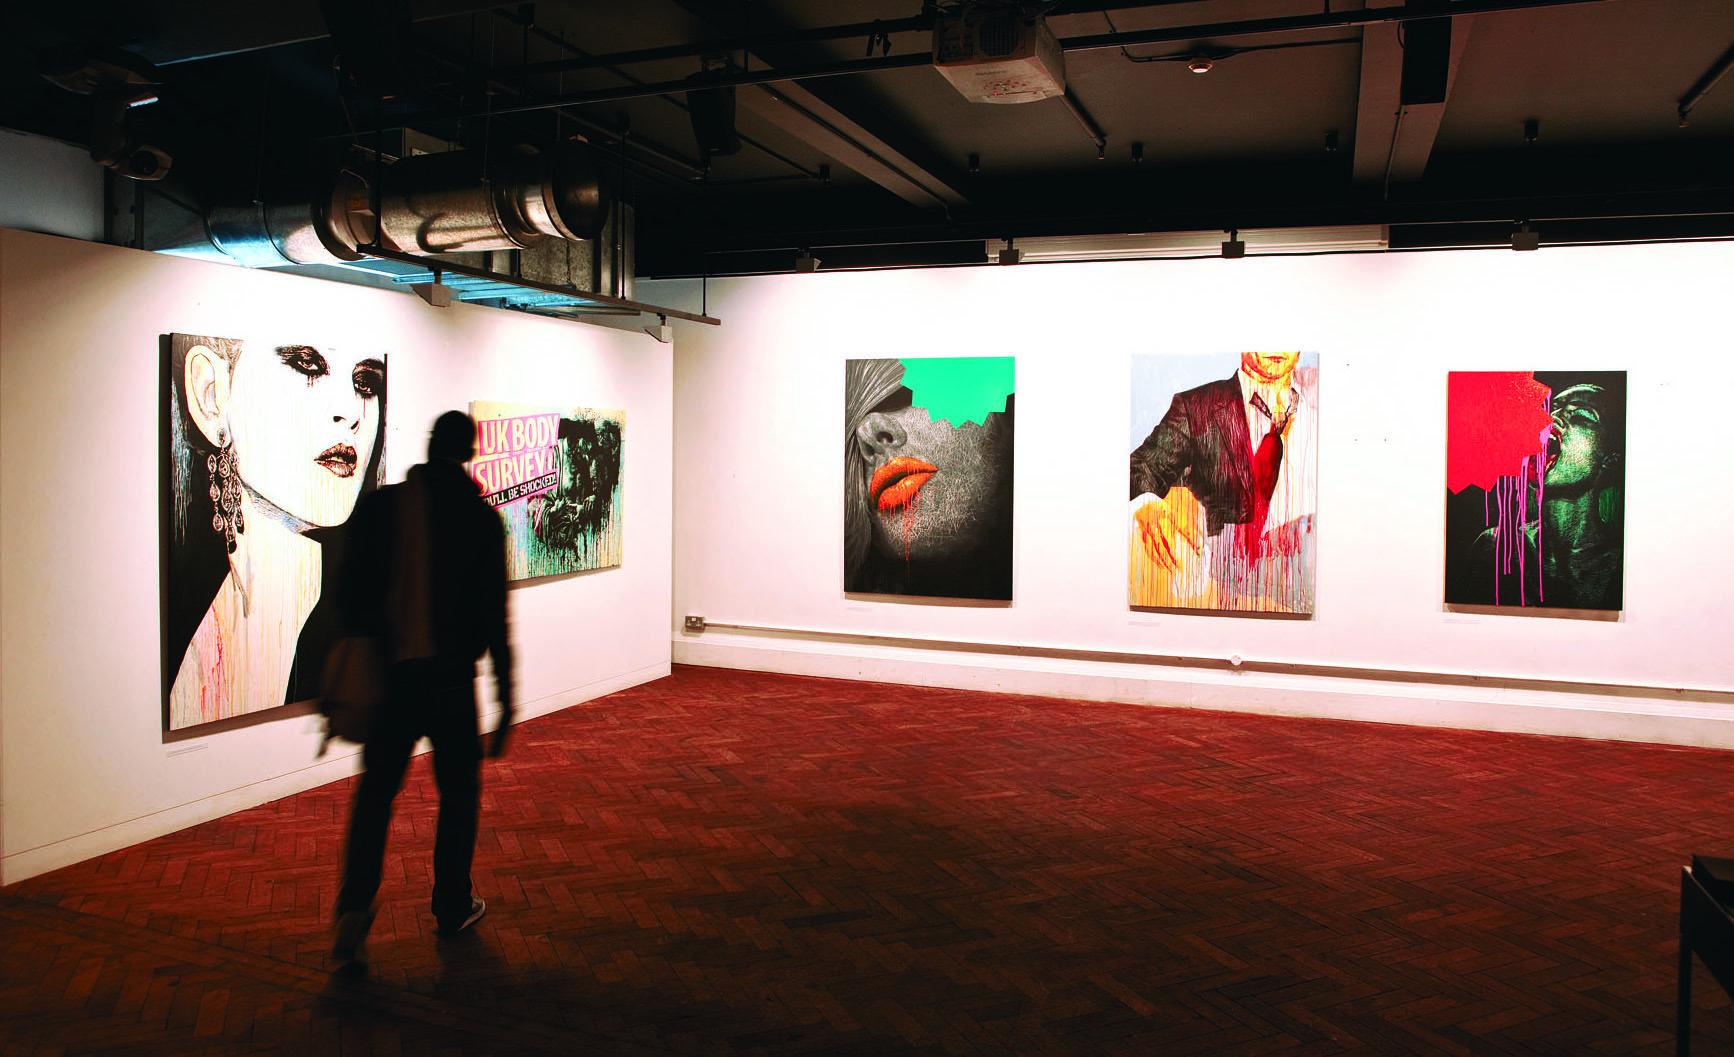 Nicolas-Ruston-Solo-exhibition- County-Hall-Gallery_1